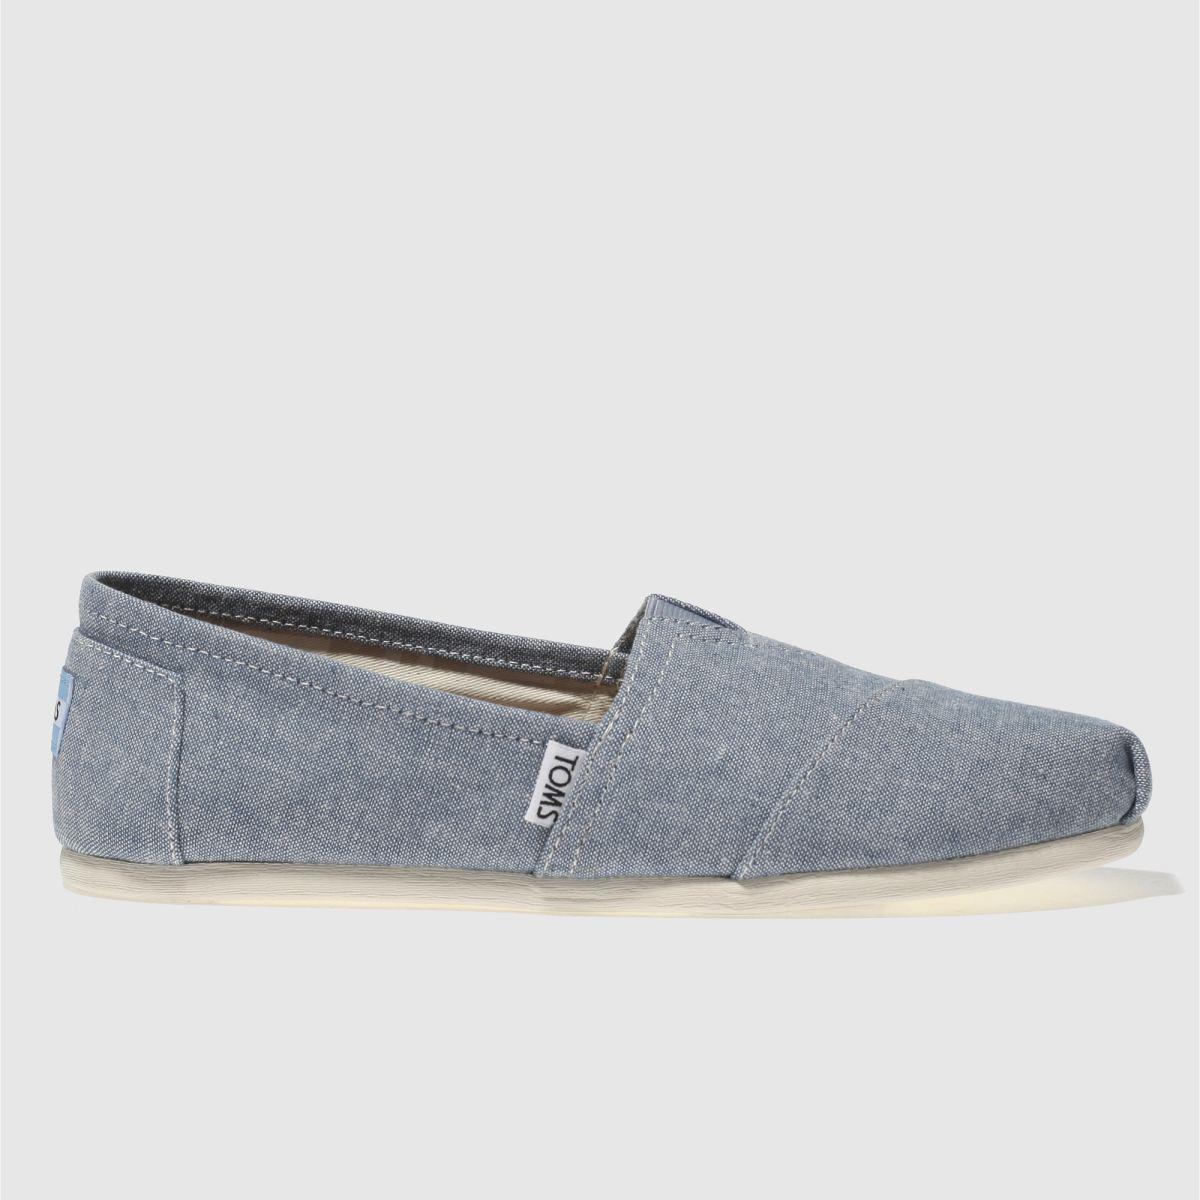 Toms Pale Blue Alpargata Flat Shoes